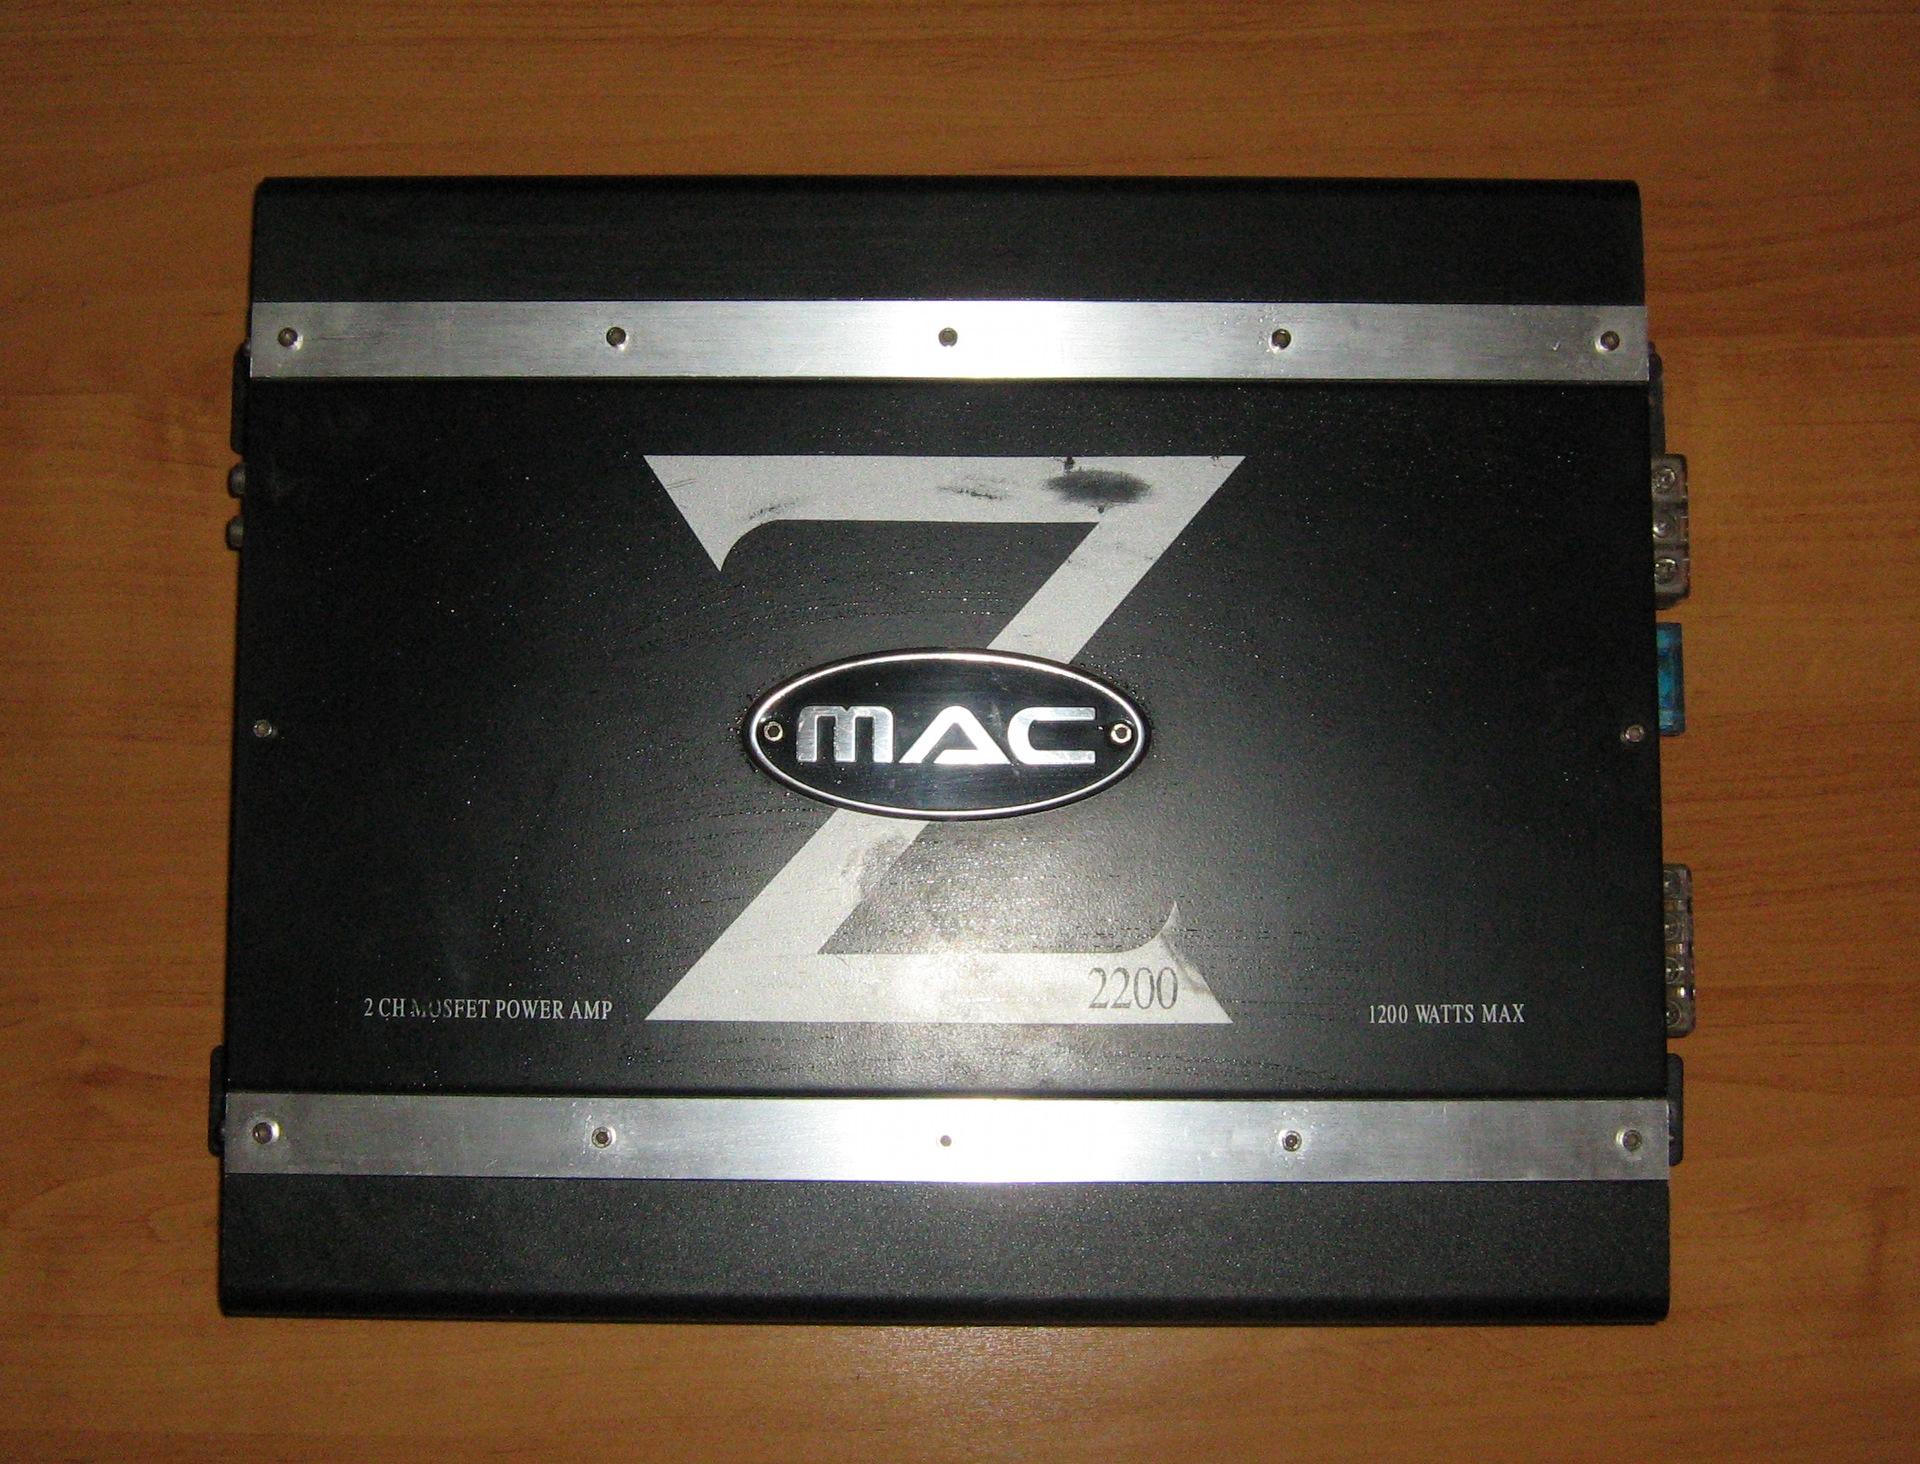 инструкция mac 2200 усилитель